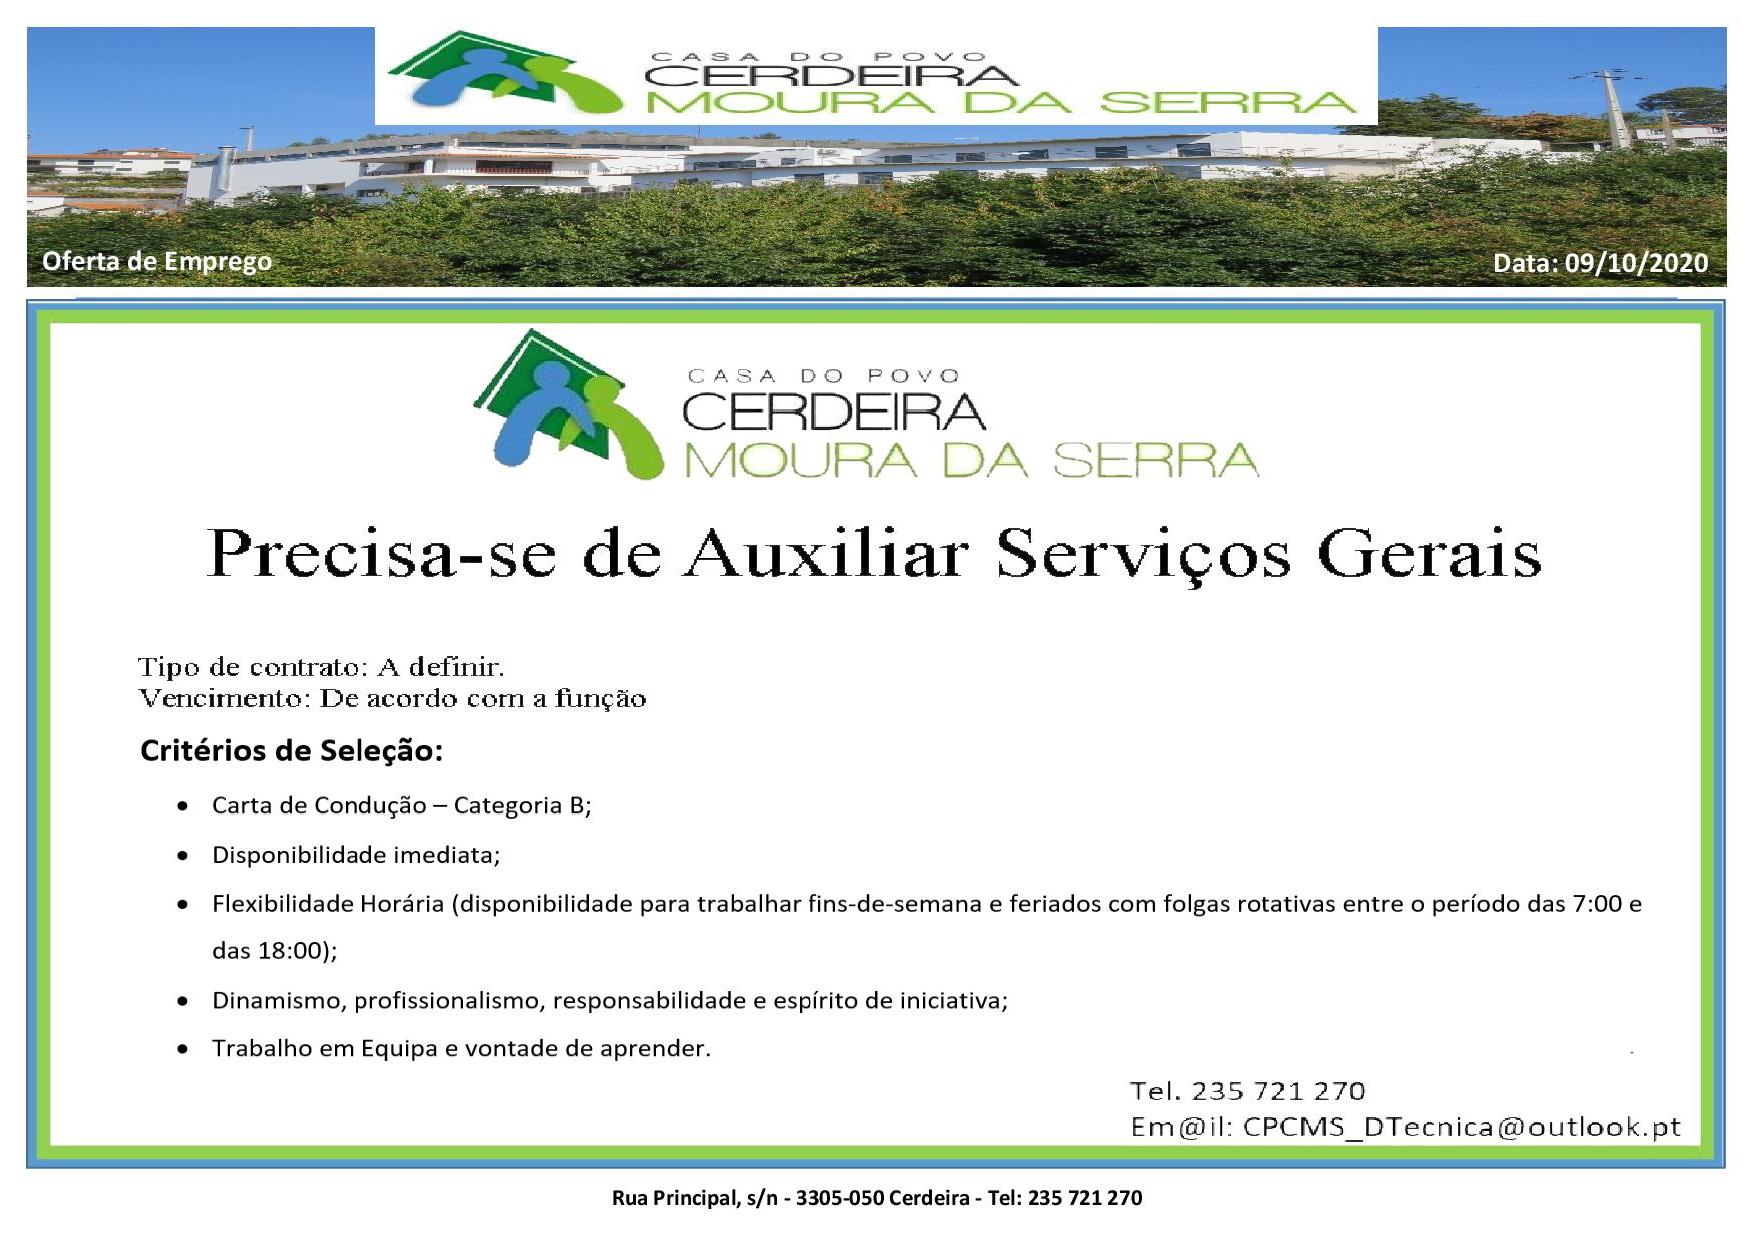 Casa do Povo de Cerdeira e Moura da Serra, I.P.S.S. – Oferta de Emprego em 09/10/2020